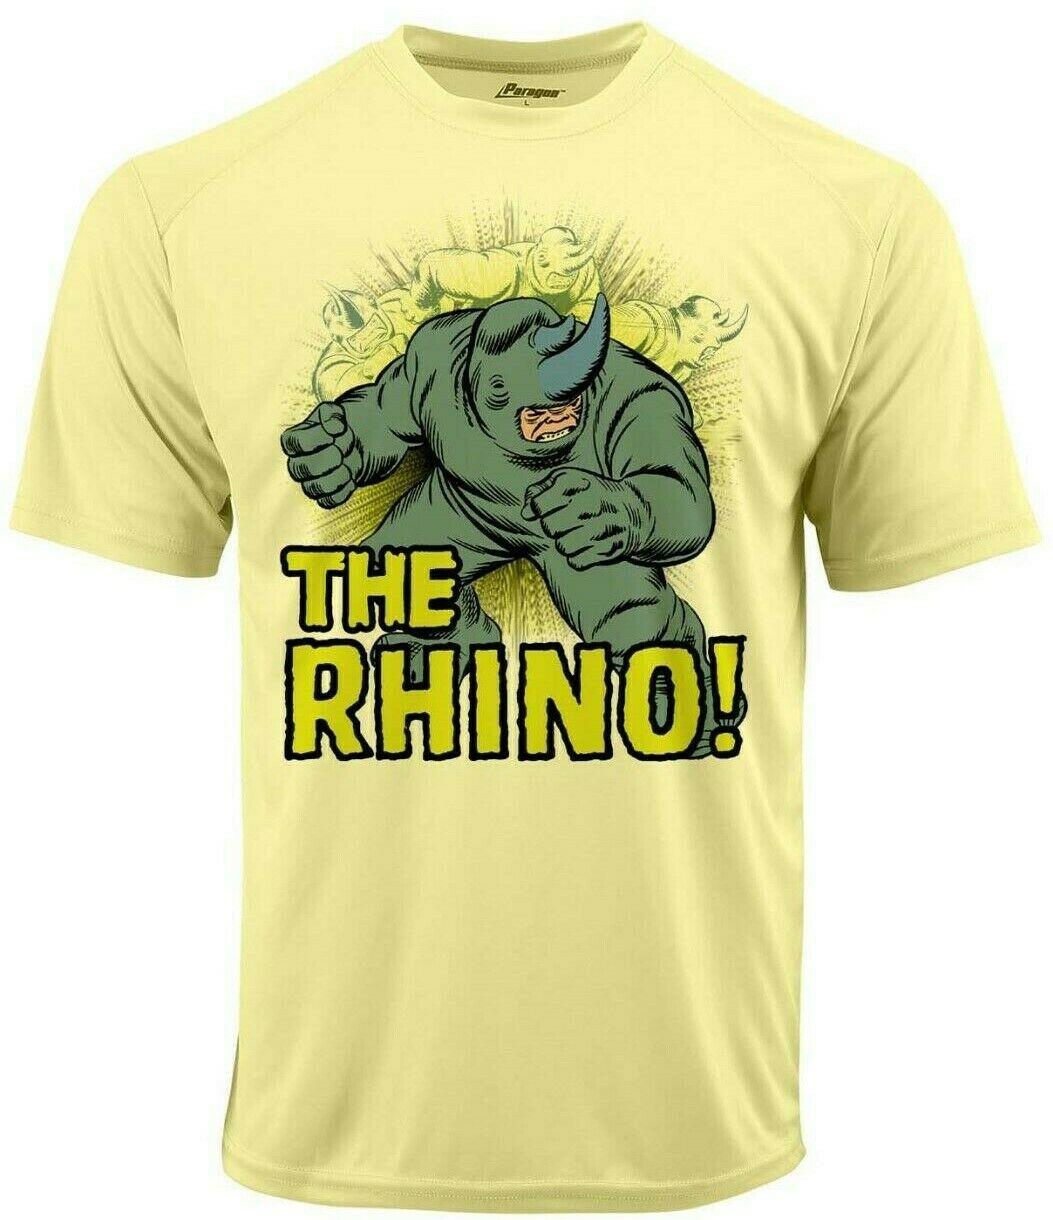 Rhino run dri fit graphic tshirt moisture wicking superhero comic book spf tee 2